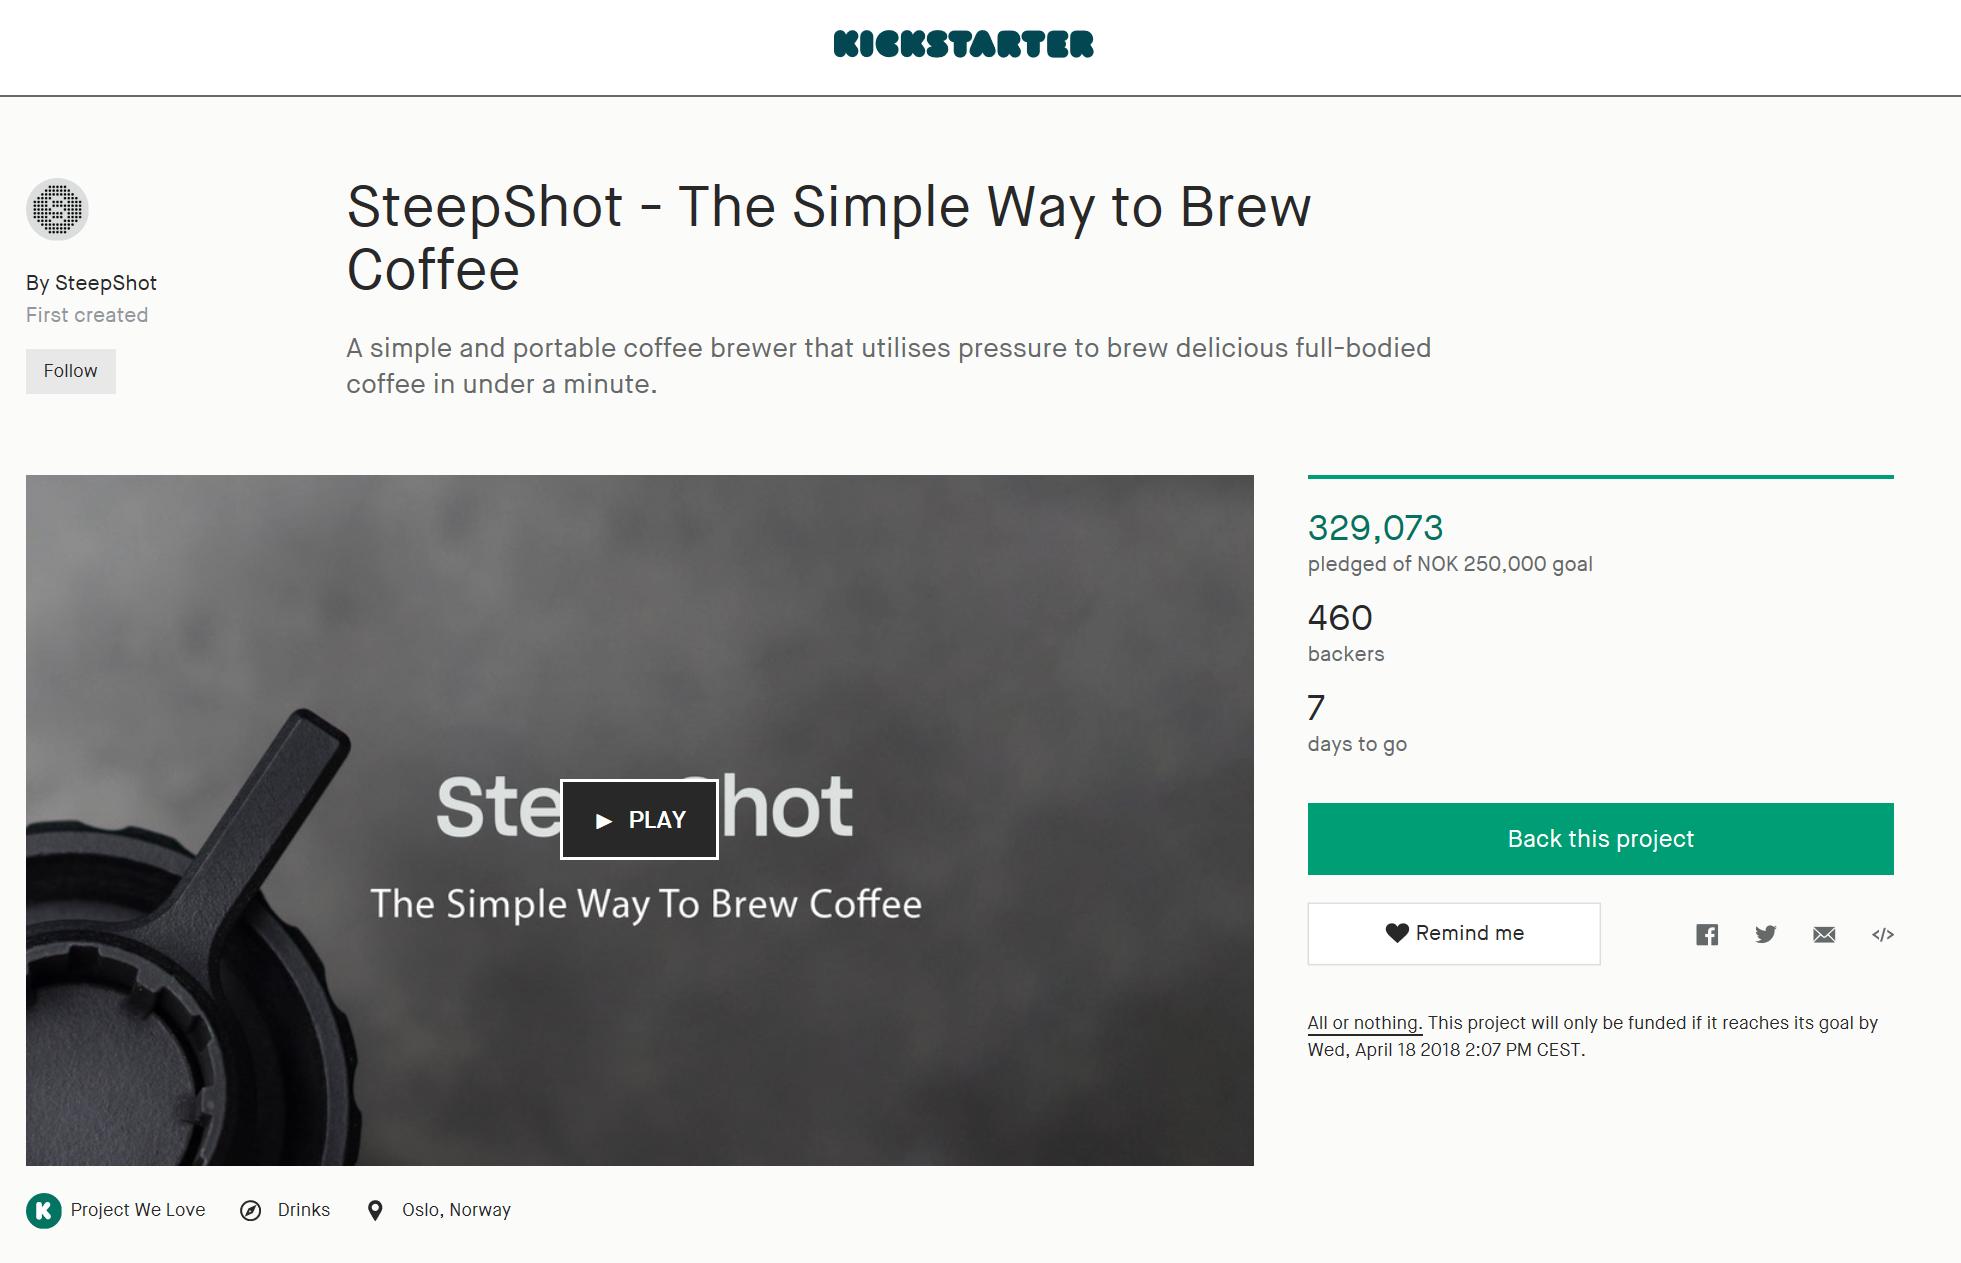 steepshot-coffee-kickstarter-pivot-produktdesign.PNG